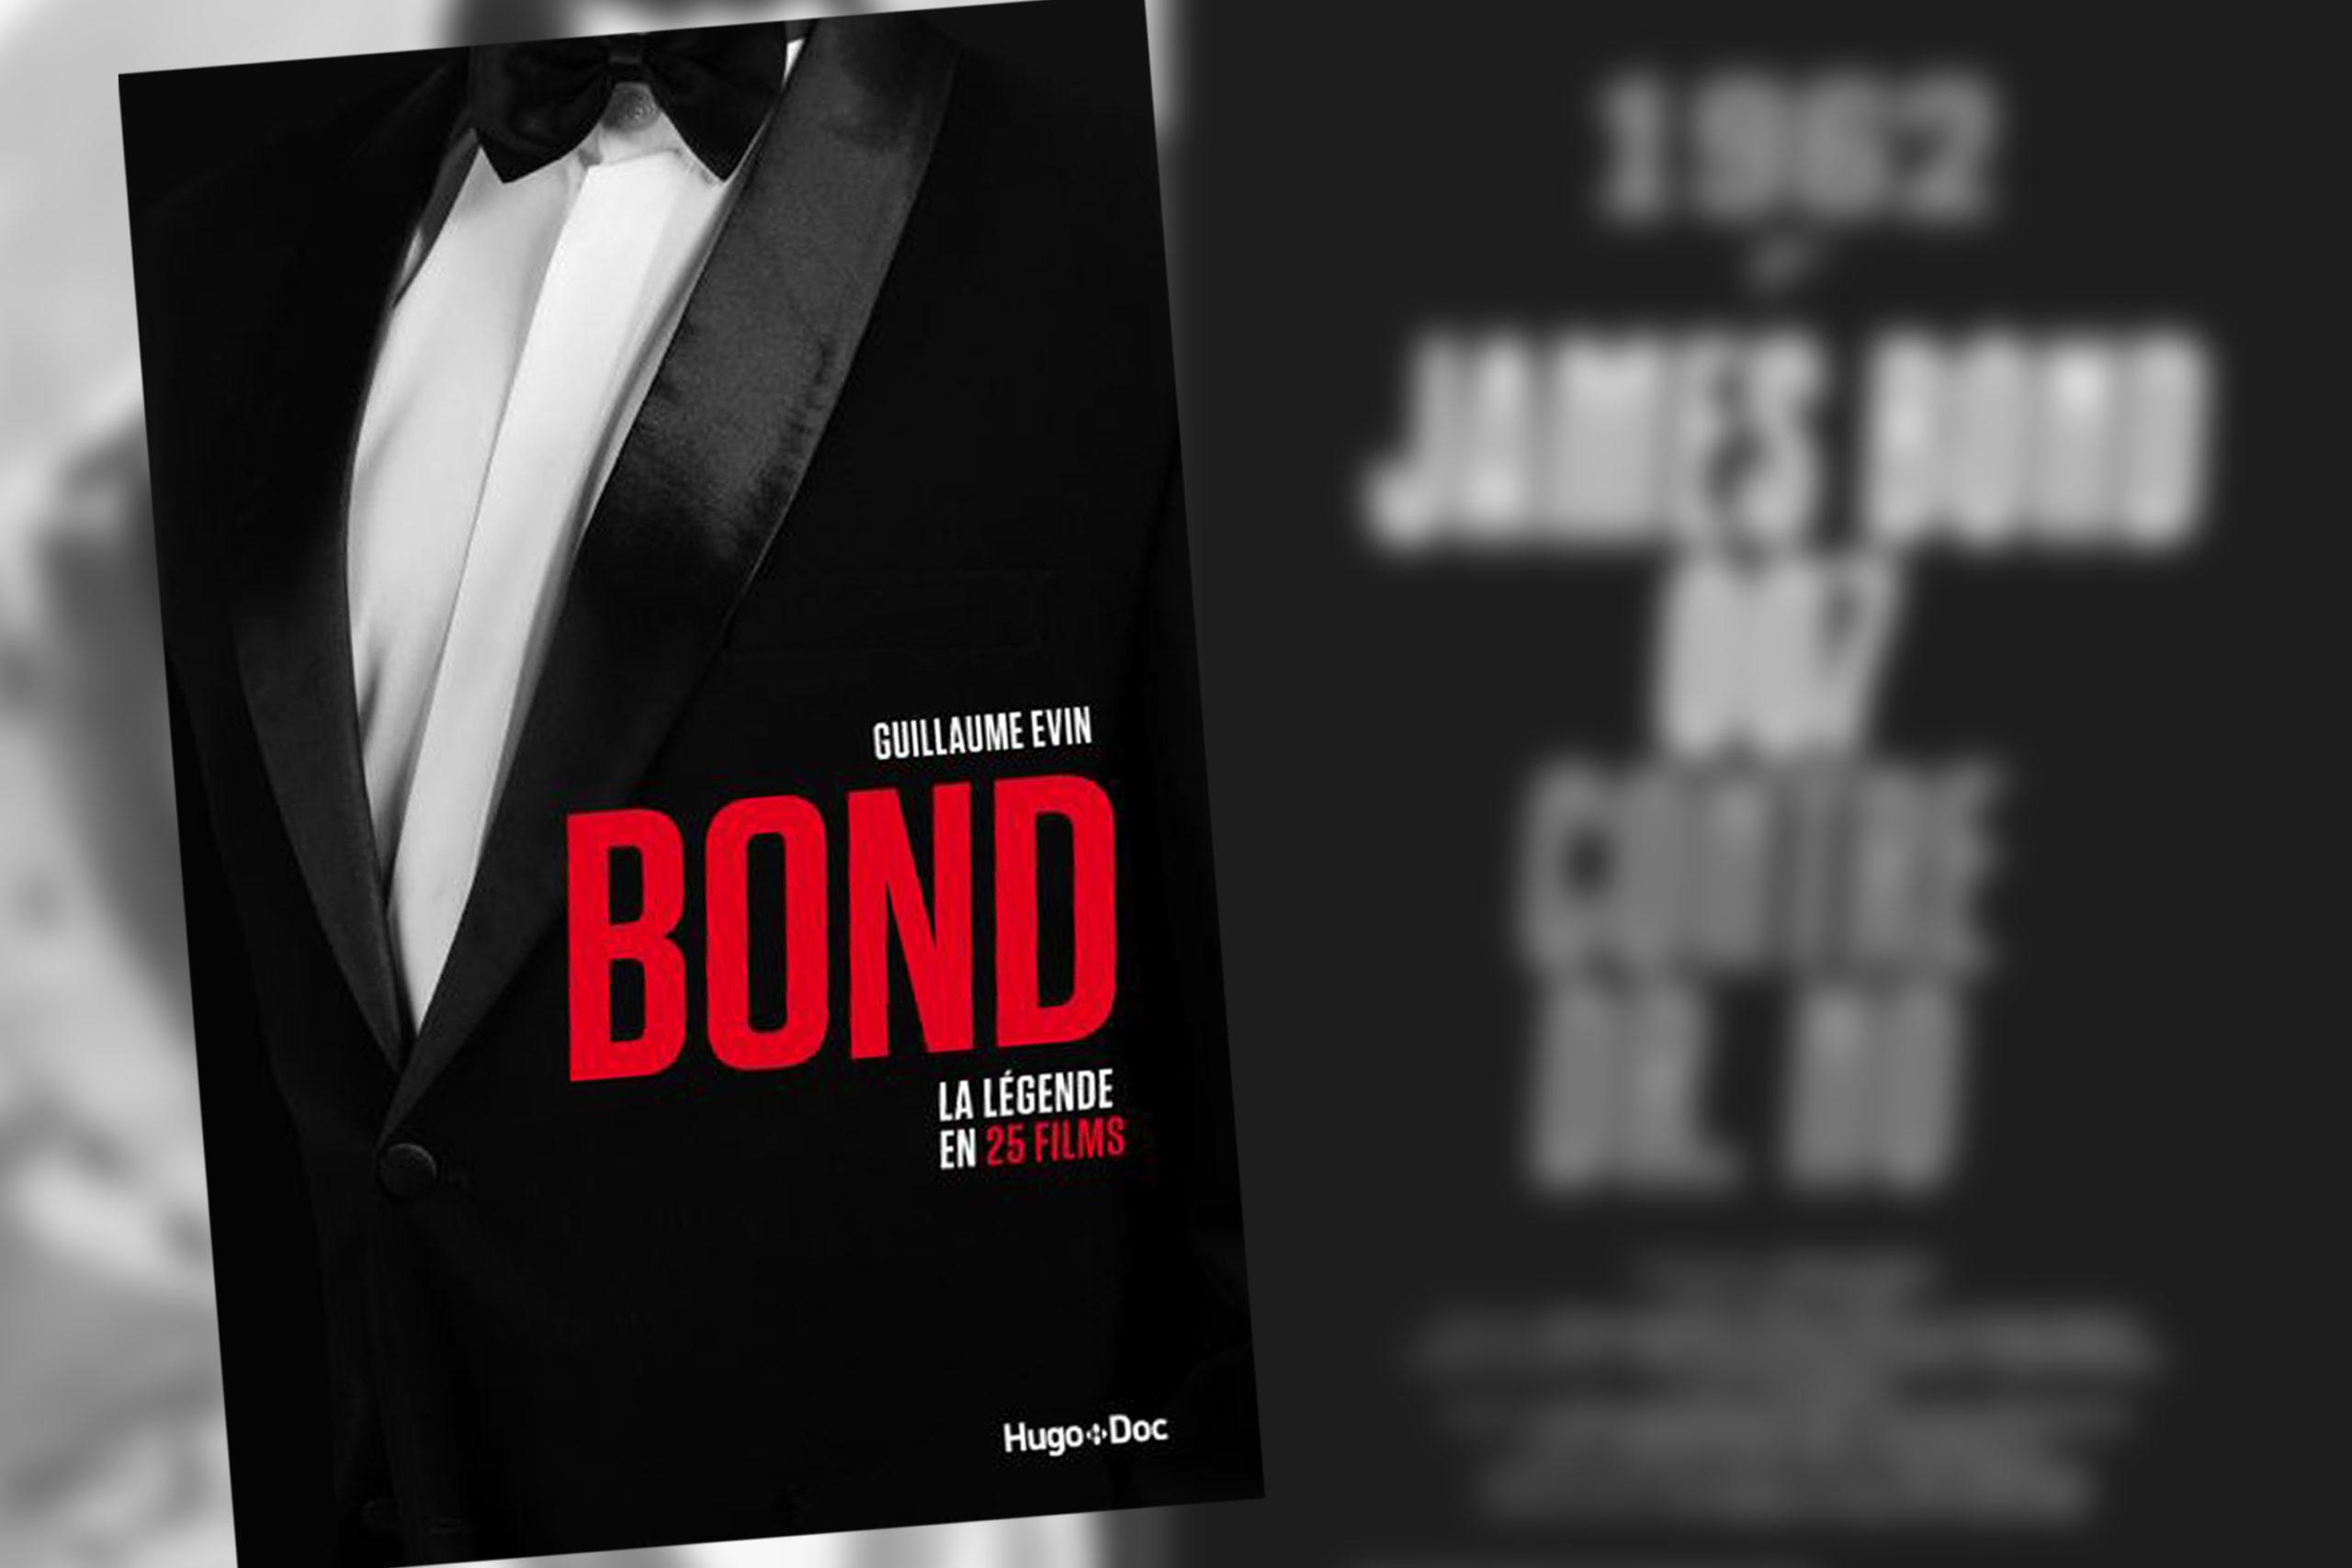 James Bond : La légende en 25 films, le nouveau livre de Guillaume Evin